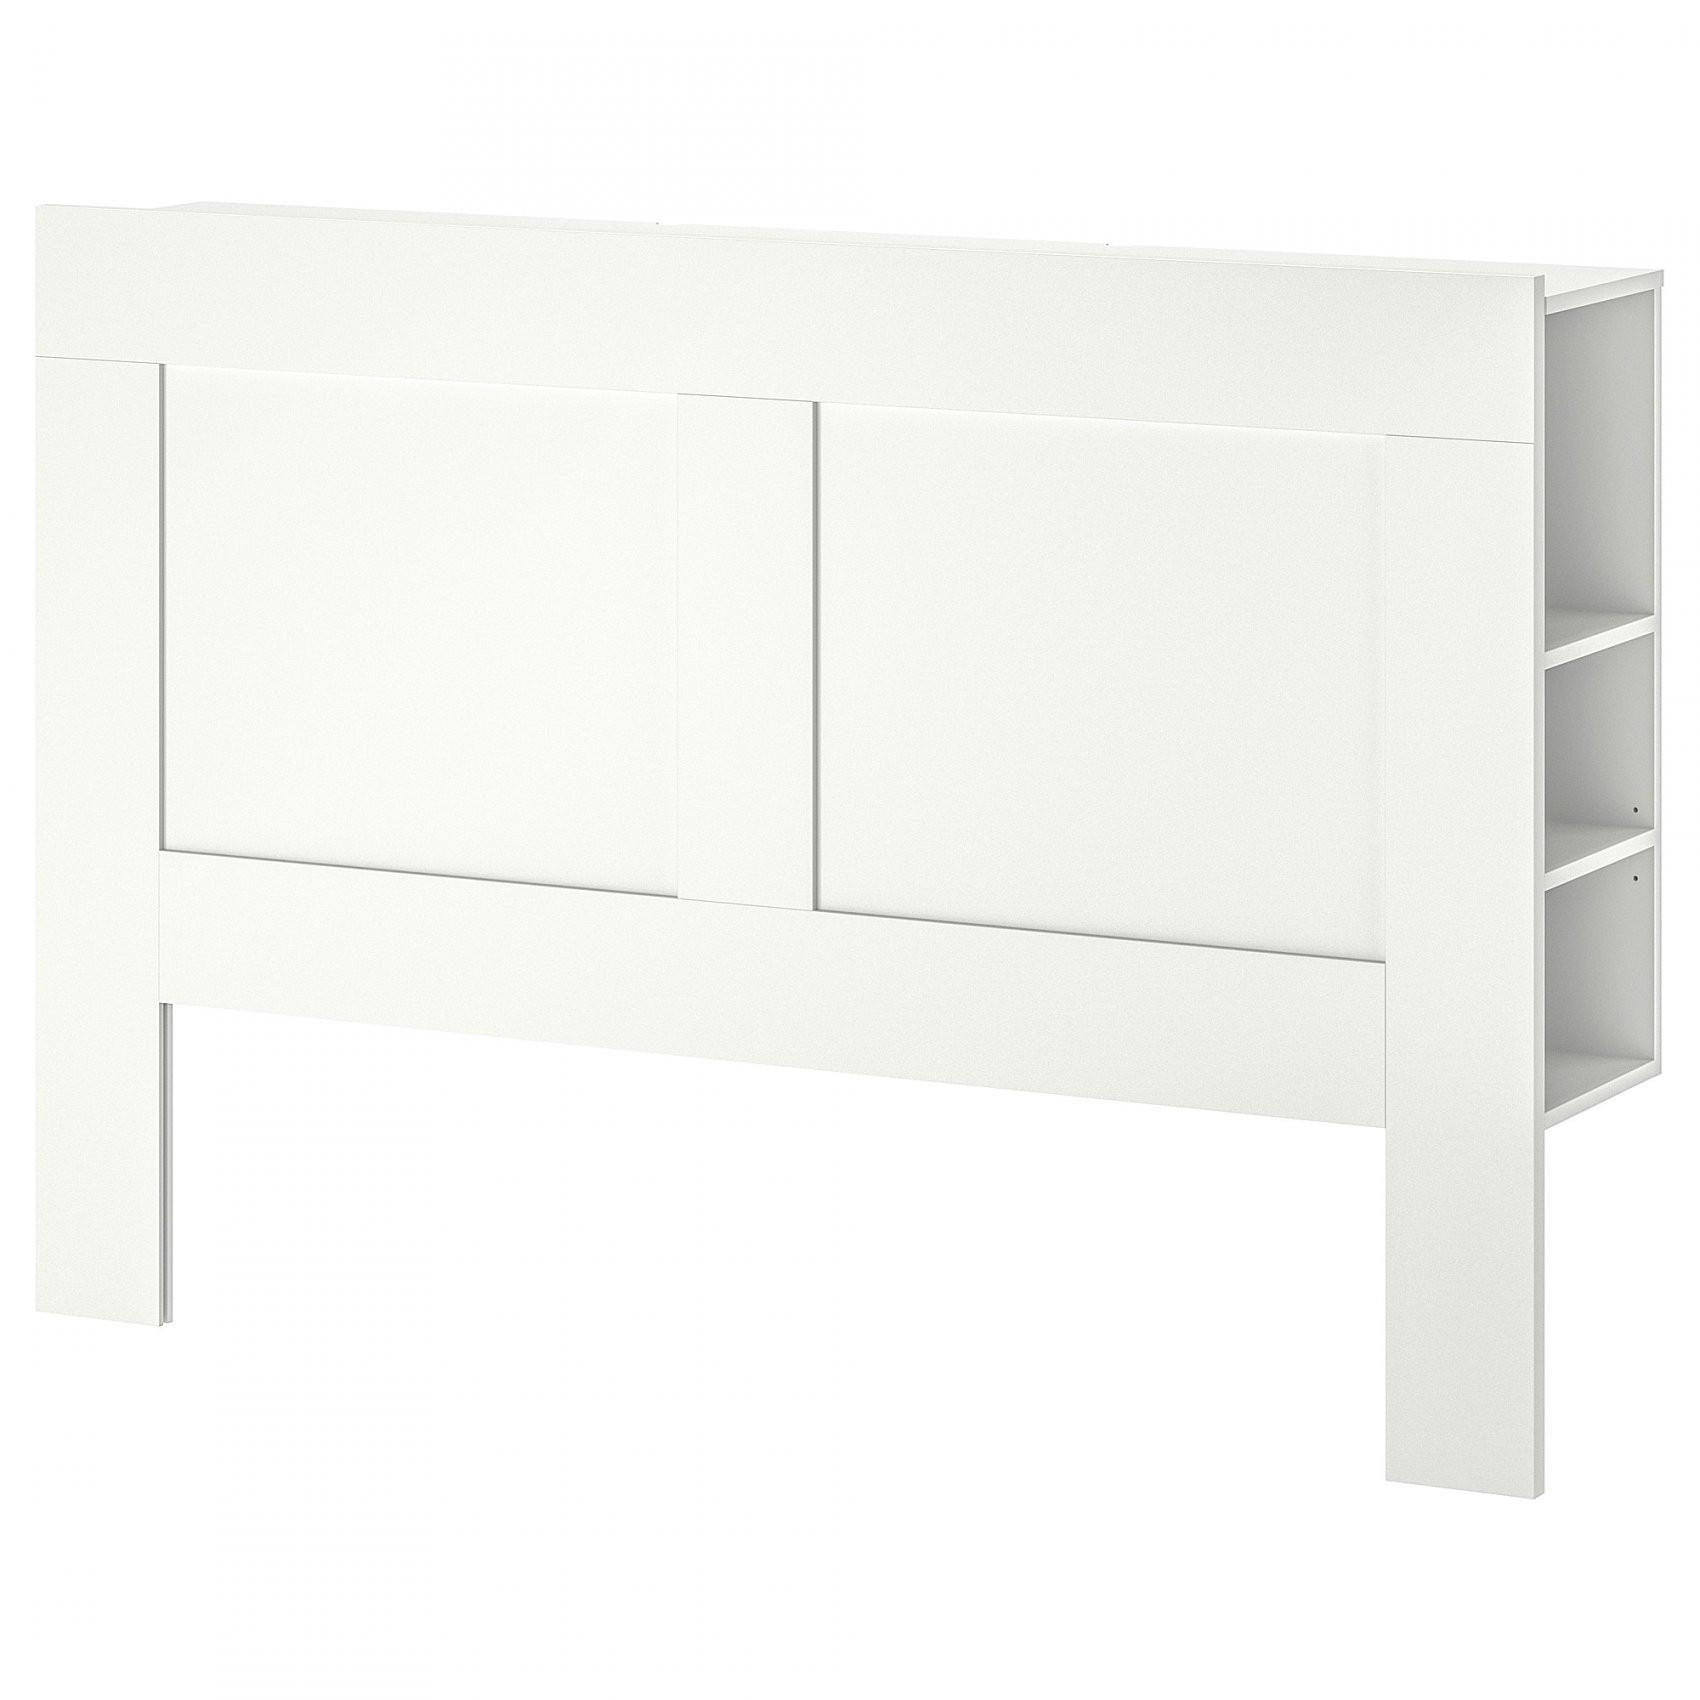 Brimnes Bedframe Met Opberglades Wit 160 X 200 Cm  Ikea von Ikea Brimnes Bett 160X200 Bild